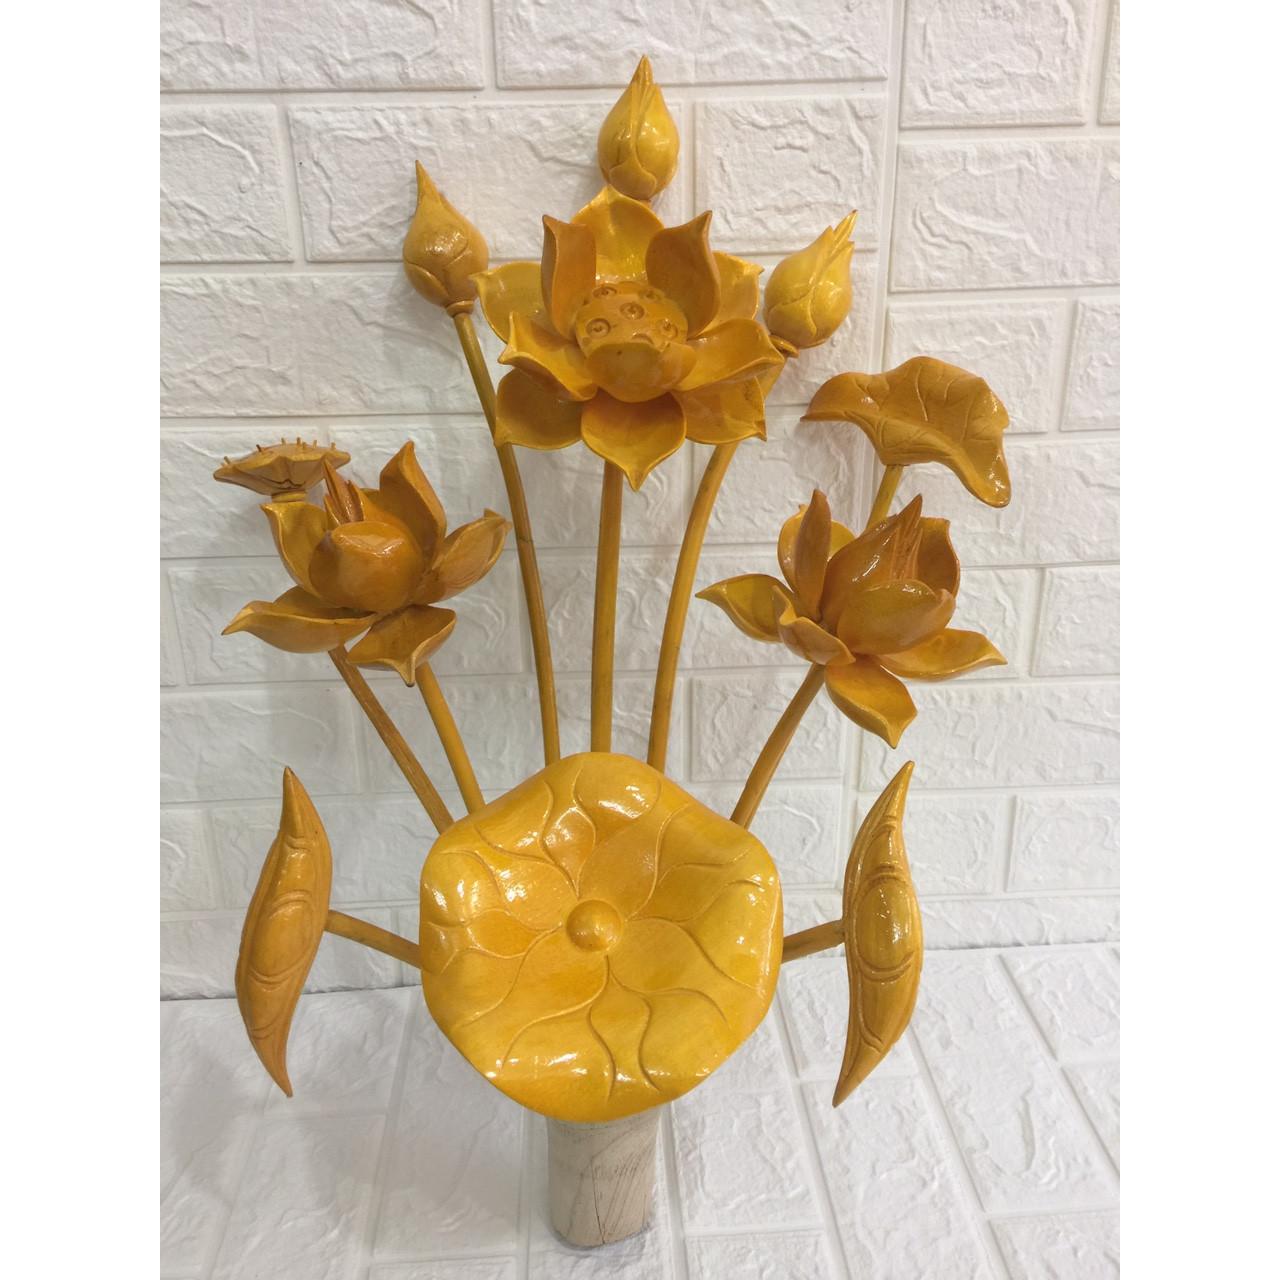 Hoa sen thờ gỗ mít cấm lọ  ( để thờ hoặc trang trí )